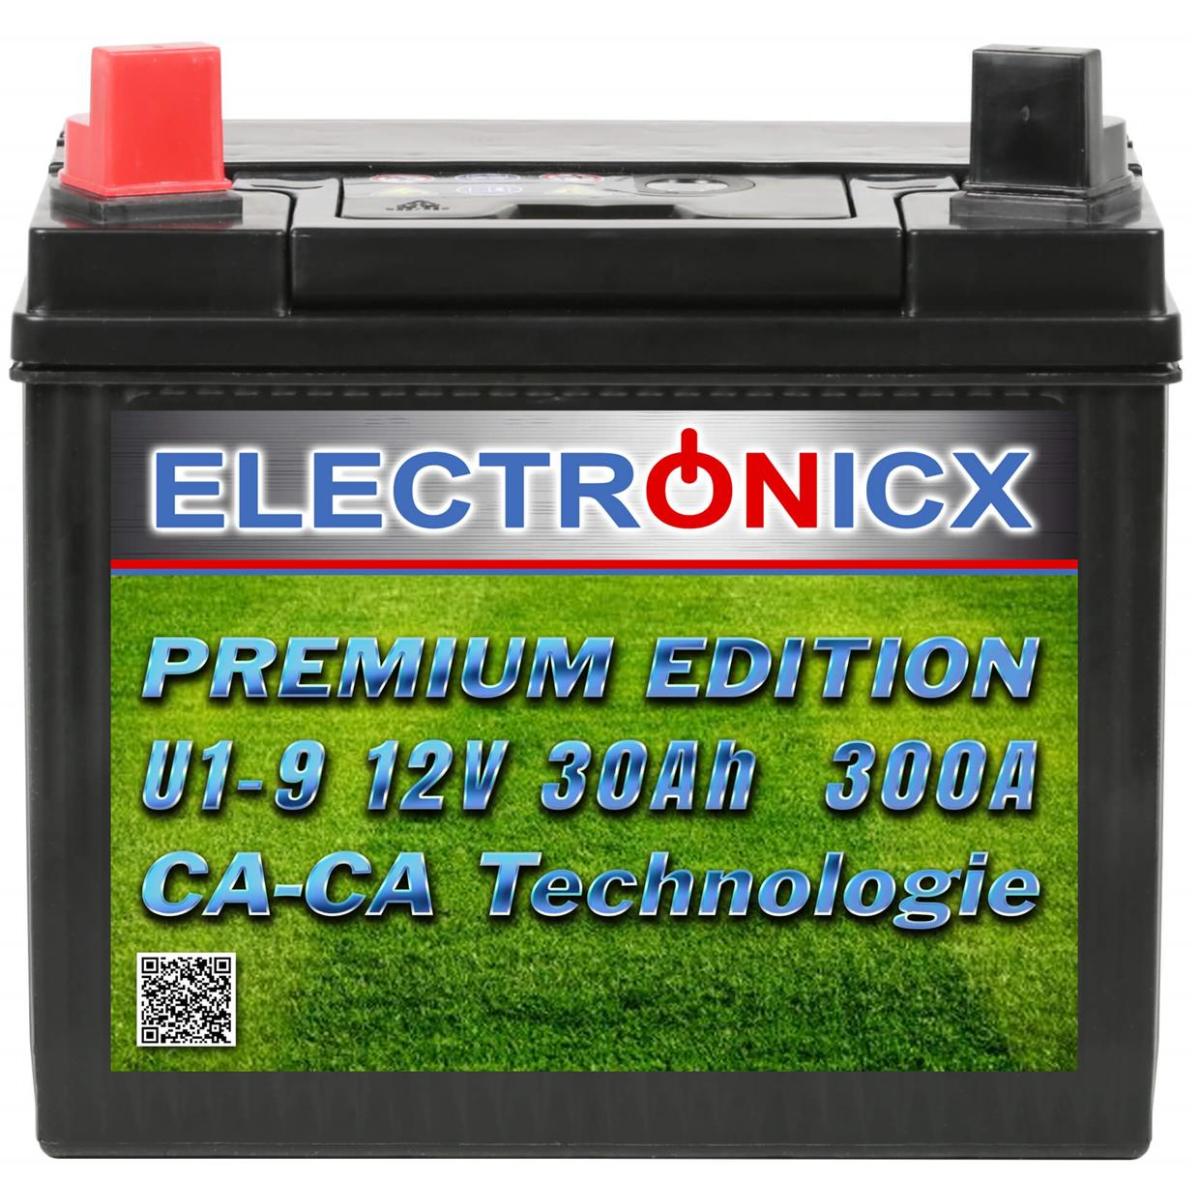 Electronicx U1(9) 30AH 300A(EN) Green Power Riding Lawn Mowers and Garden Equipment